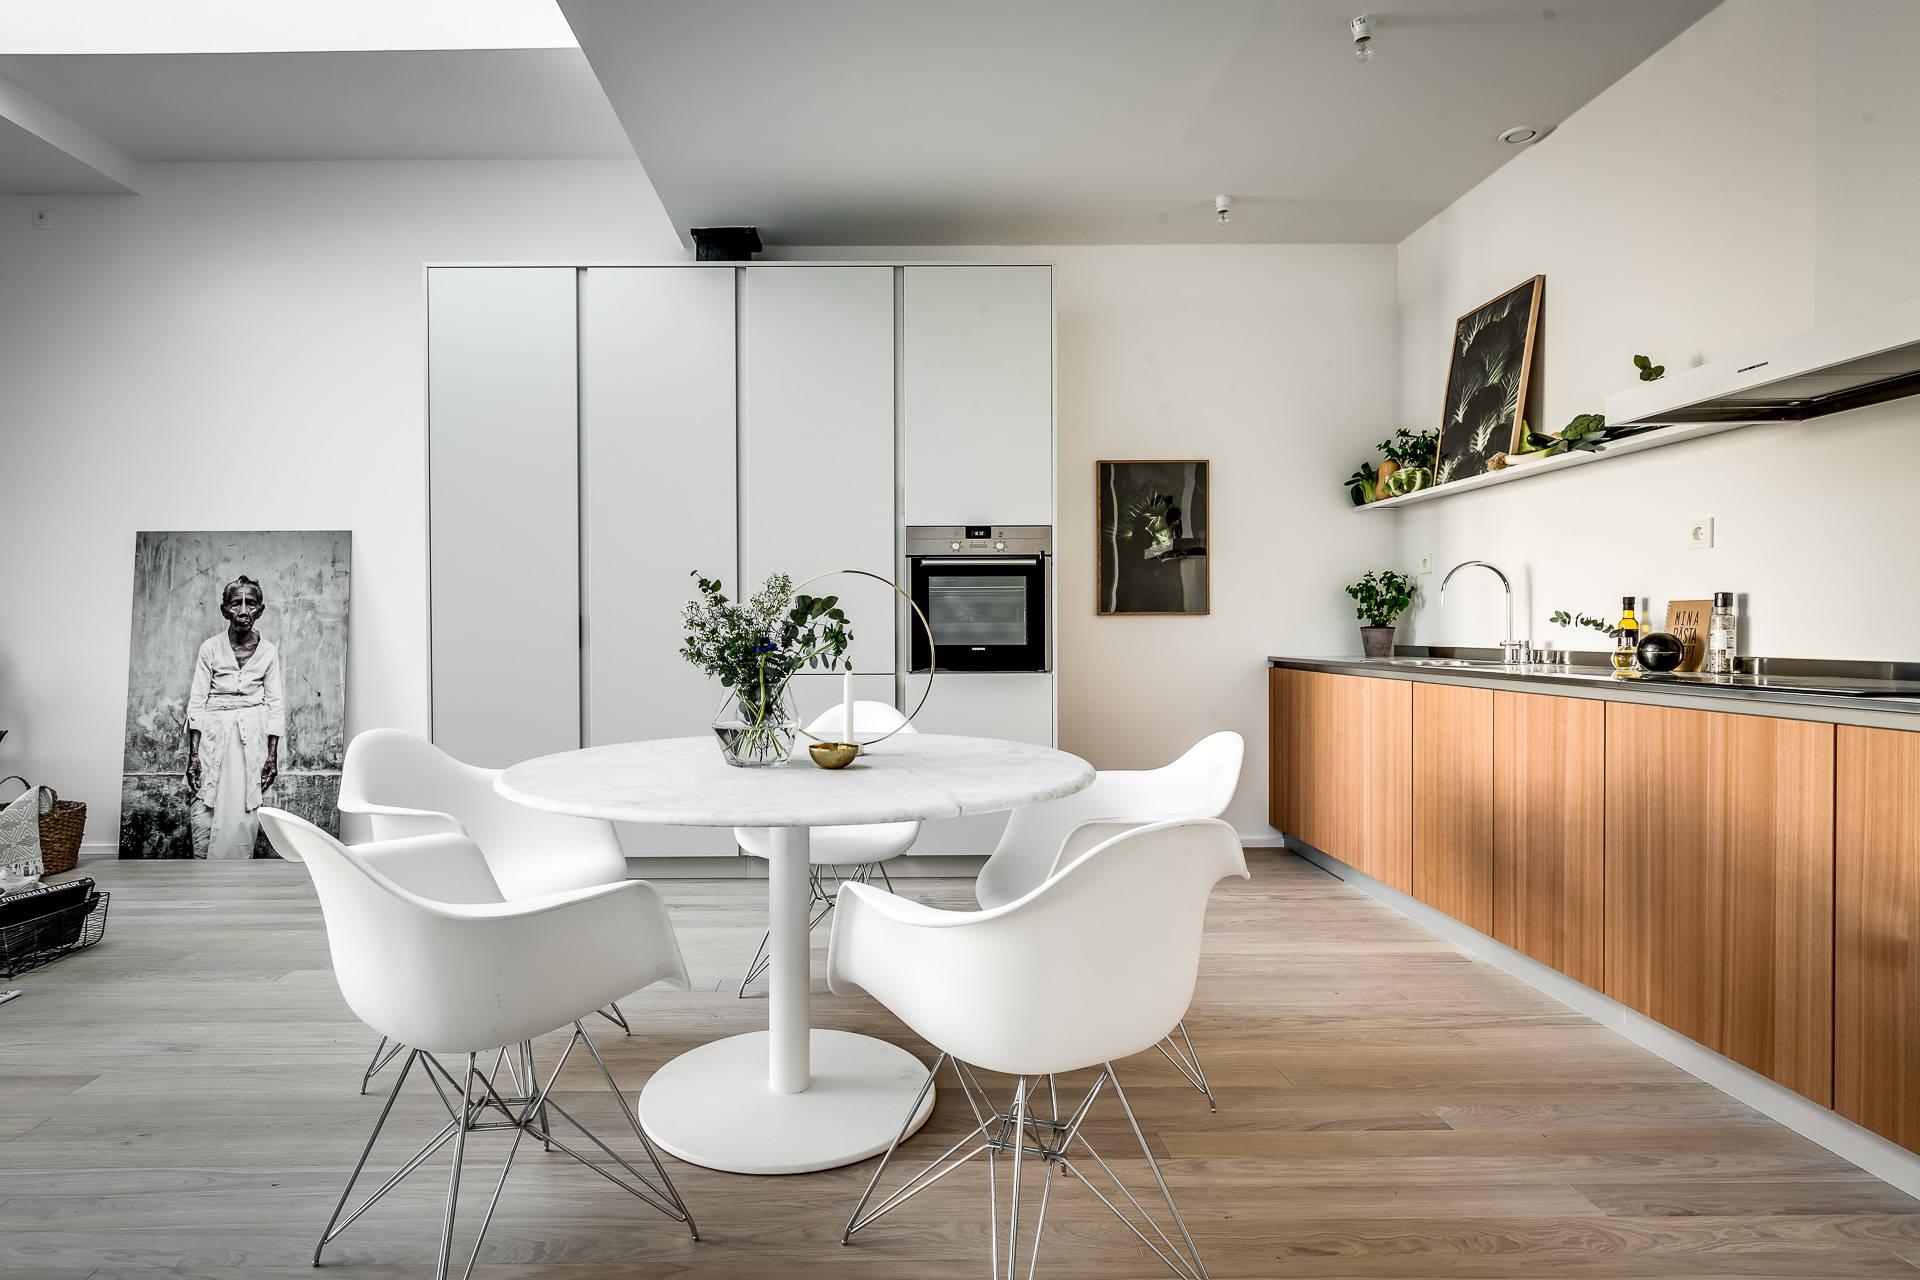 кухня кухонная мебель белые шпонированные фасады высокие шкафы стол